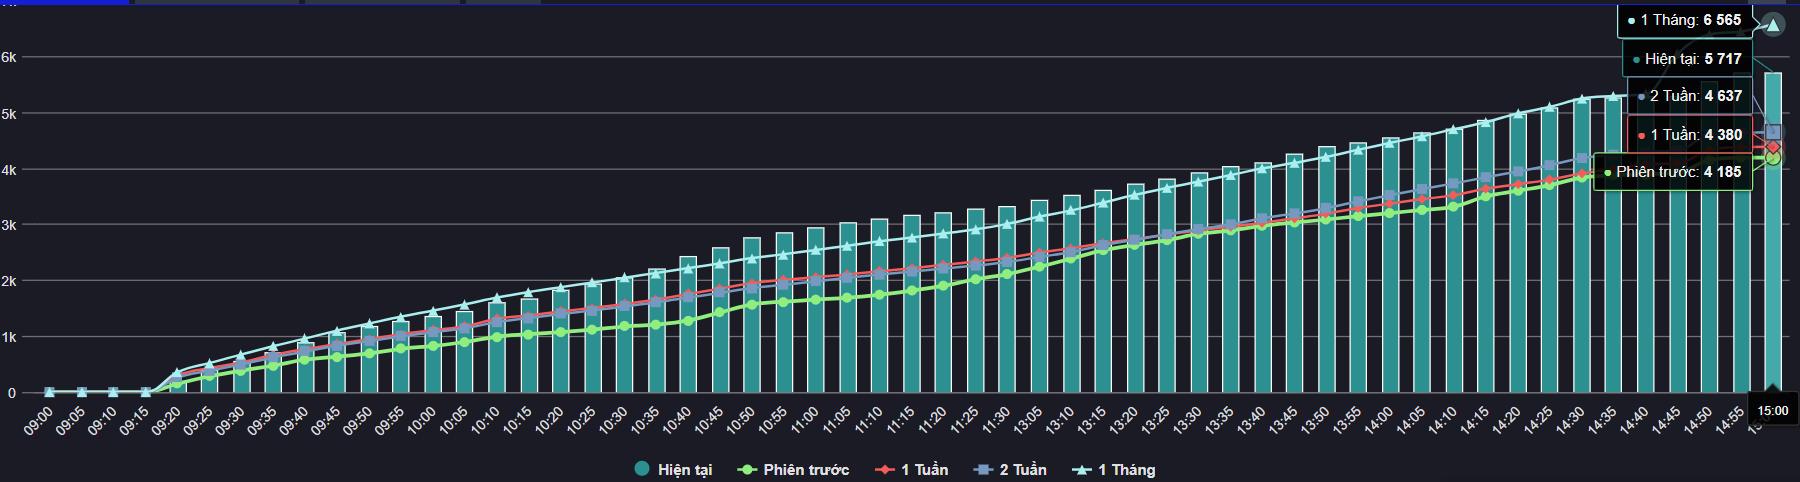 Thị trường chứng khoán 7/7: Lực bán gia tăng phiên chiều, VN-Index chỉ còn tăng hơn 2 điểm - Ảnh 1.